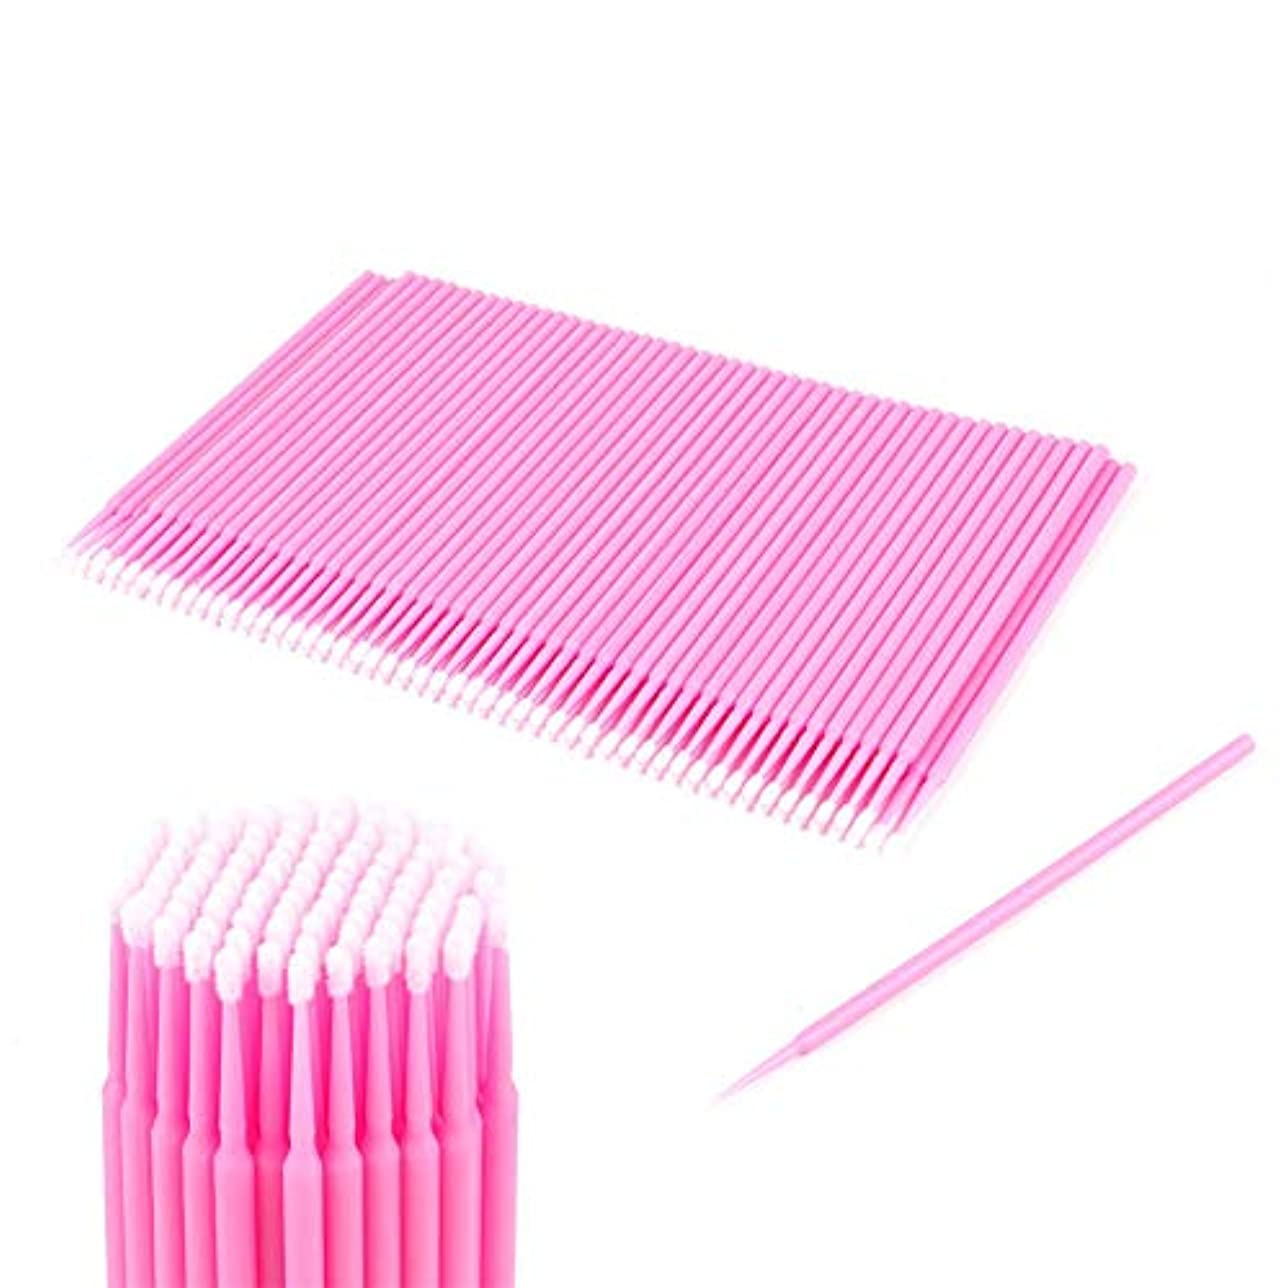 中世の請負業者赤字100ピース2ミリメートルピンク使い捨て使い捨てマイクロブラシ化粧レギュラーツールまつげ